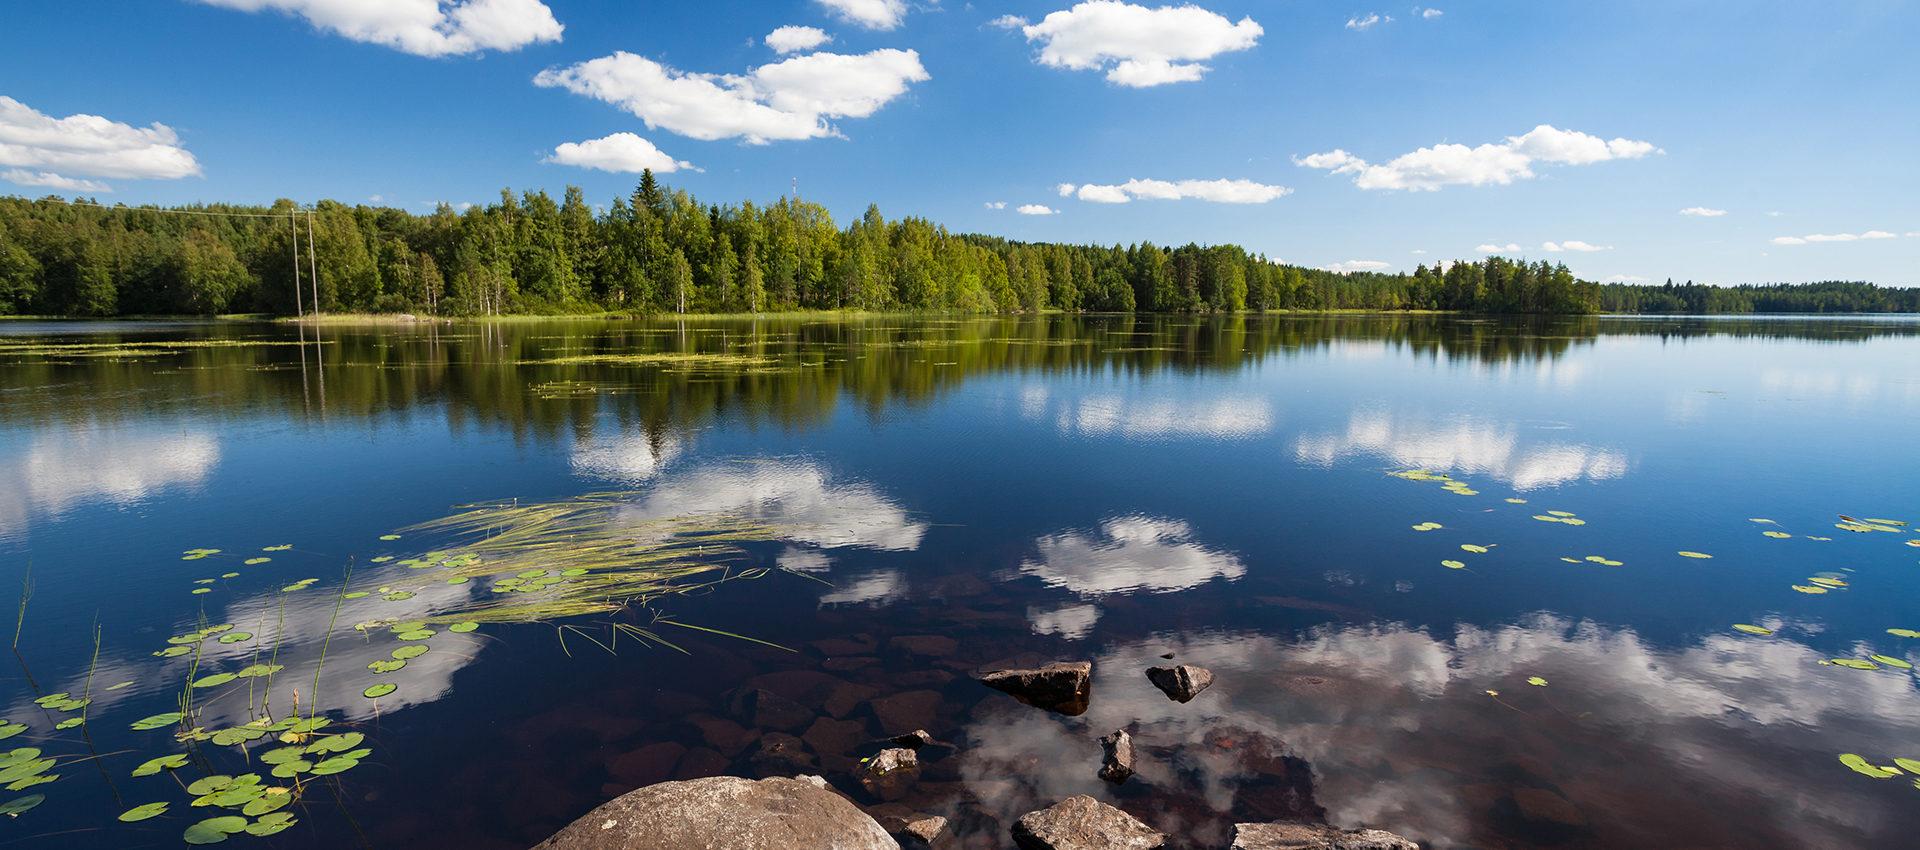 Finland XAMK